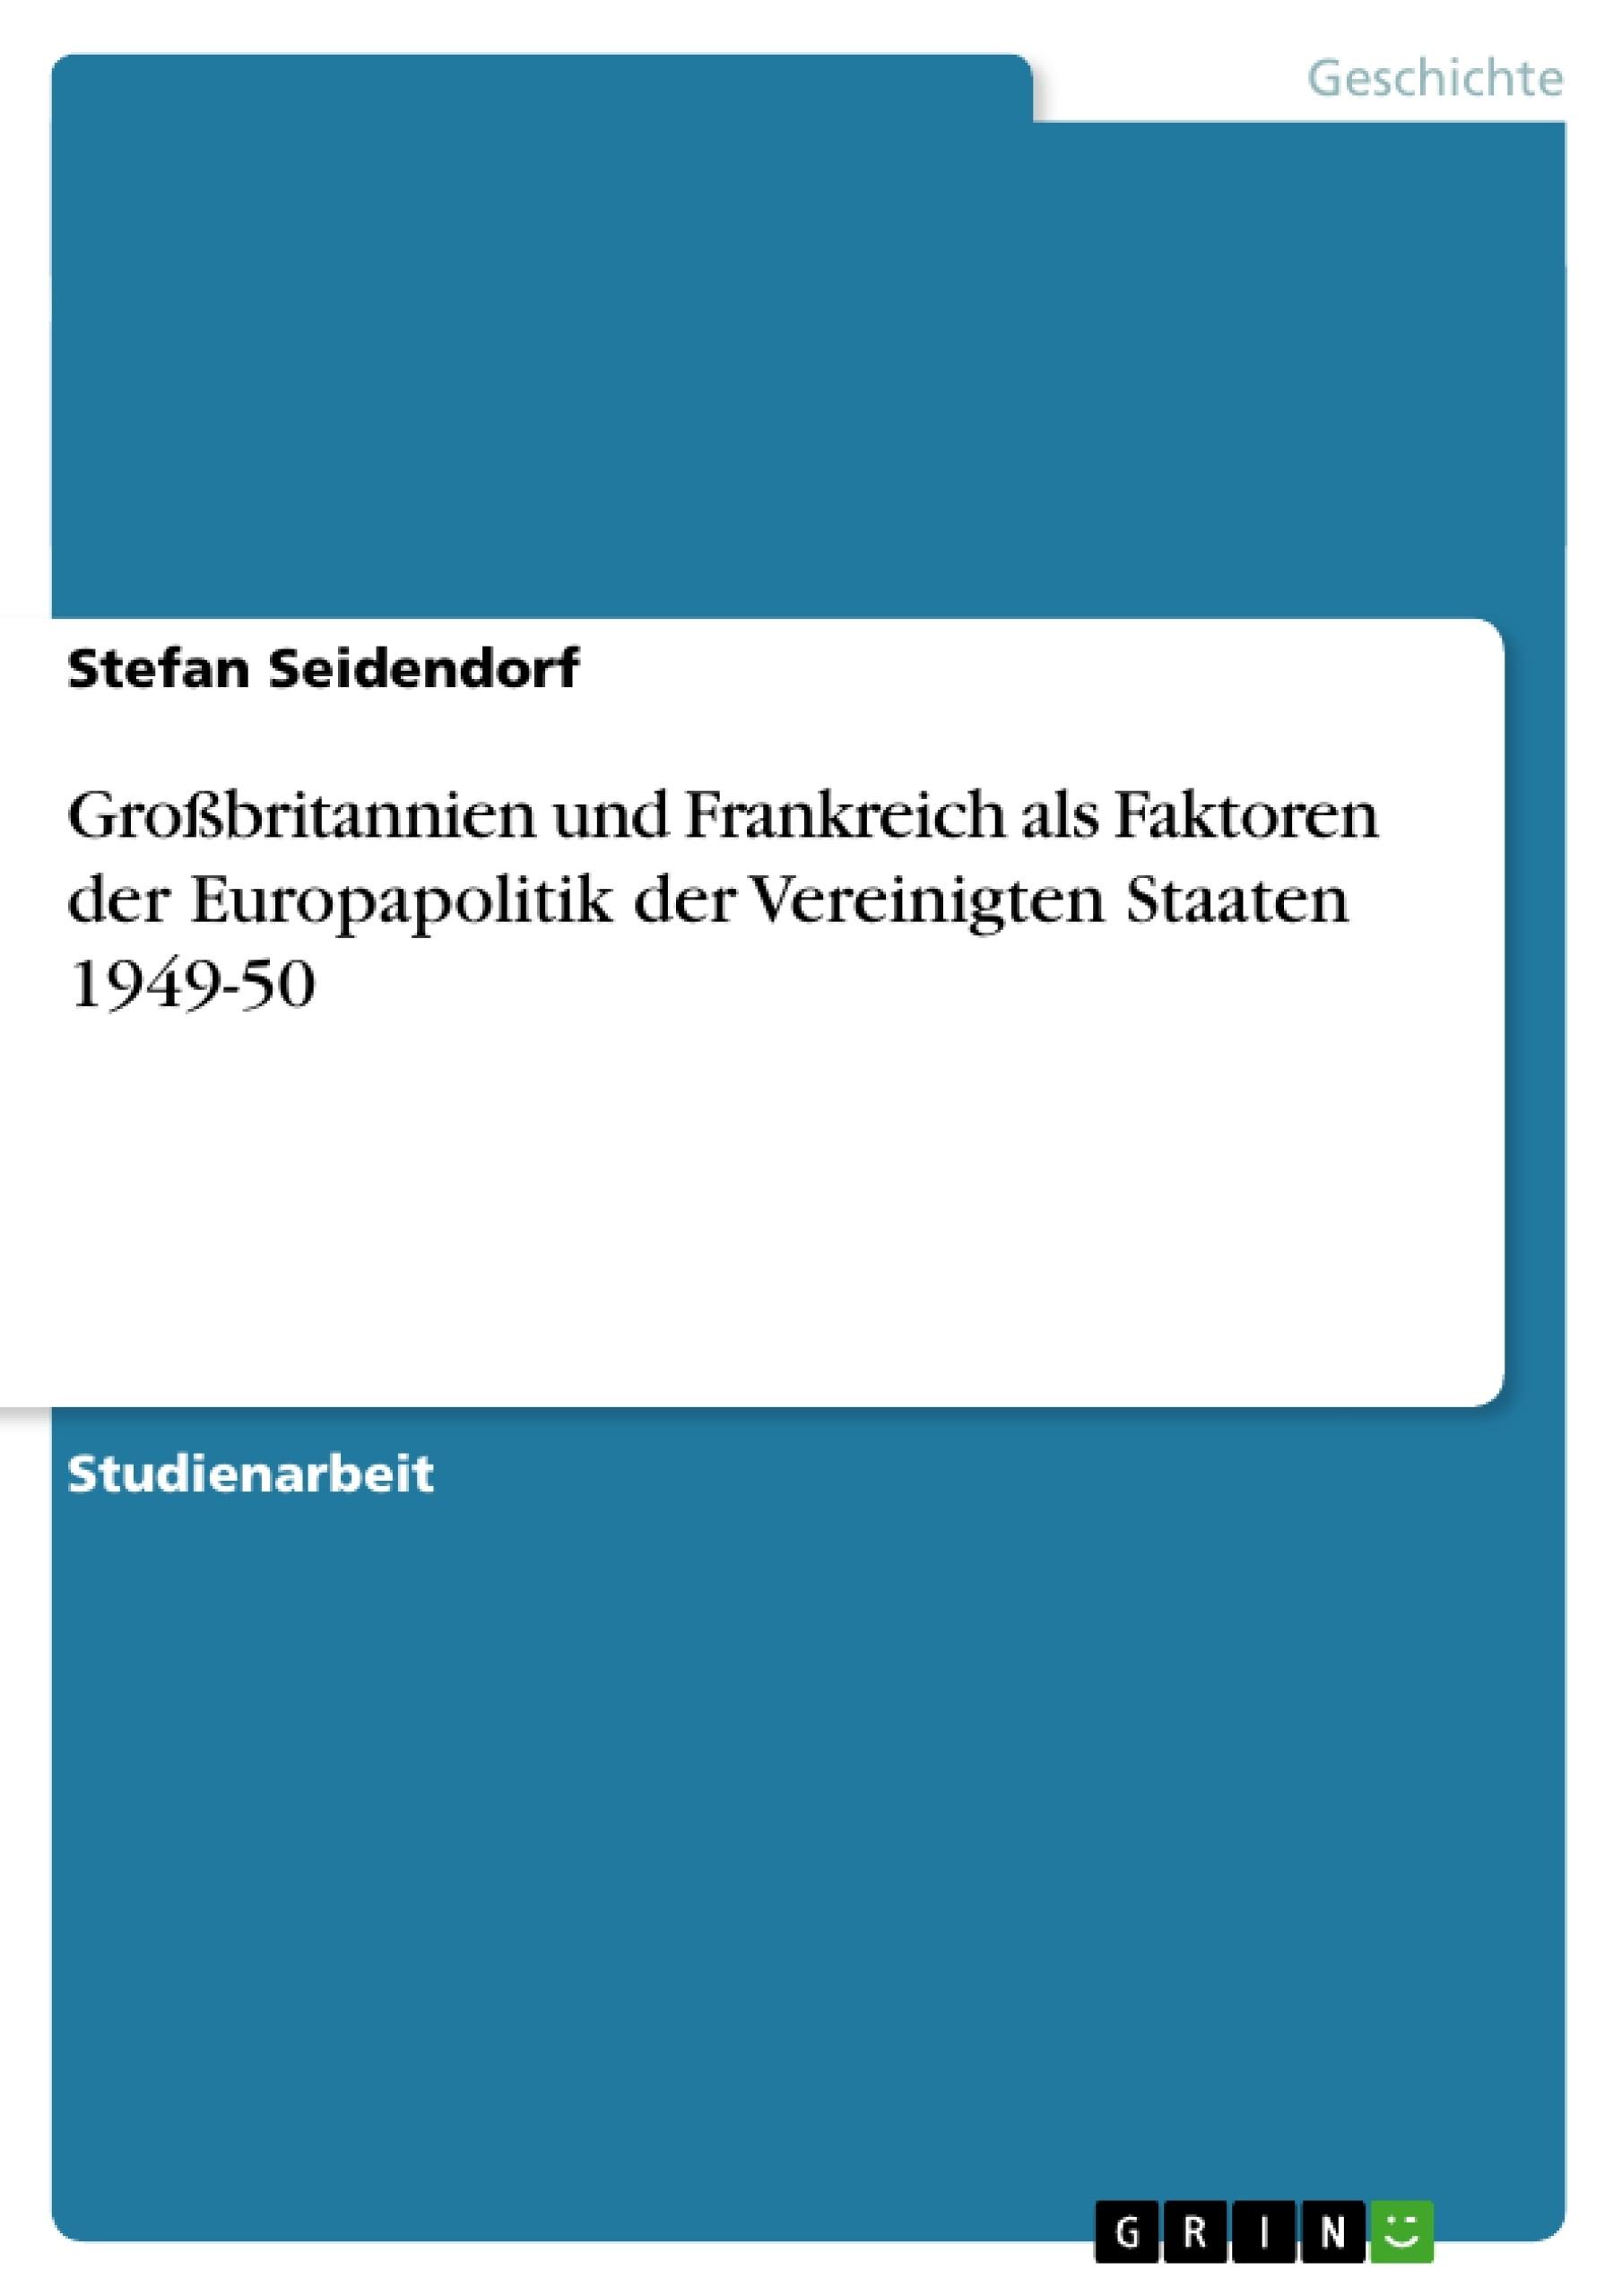 Titel: Großbritannien und Frankreich als Faktoren der Europapolitik der Vereinigten Staaten 1949-50